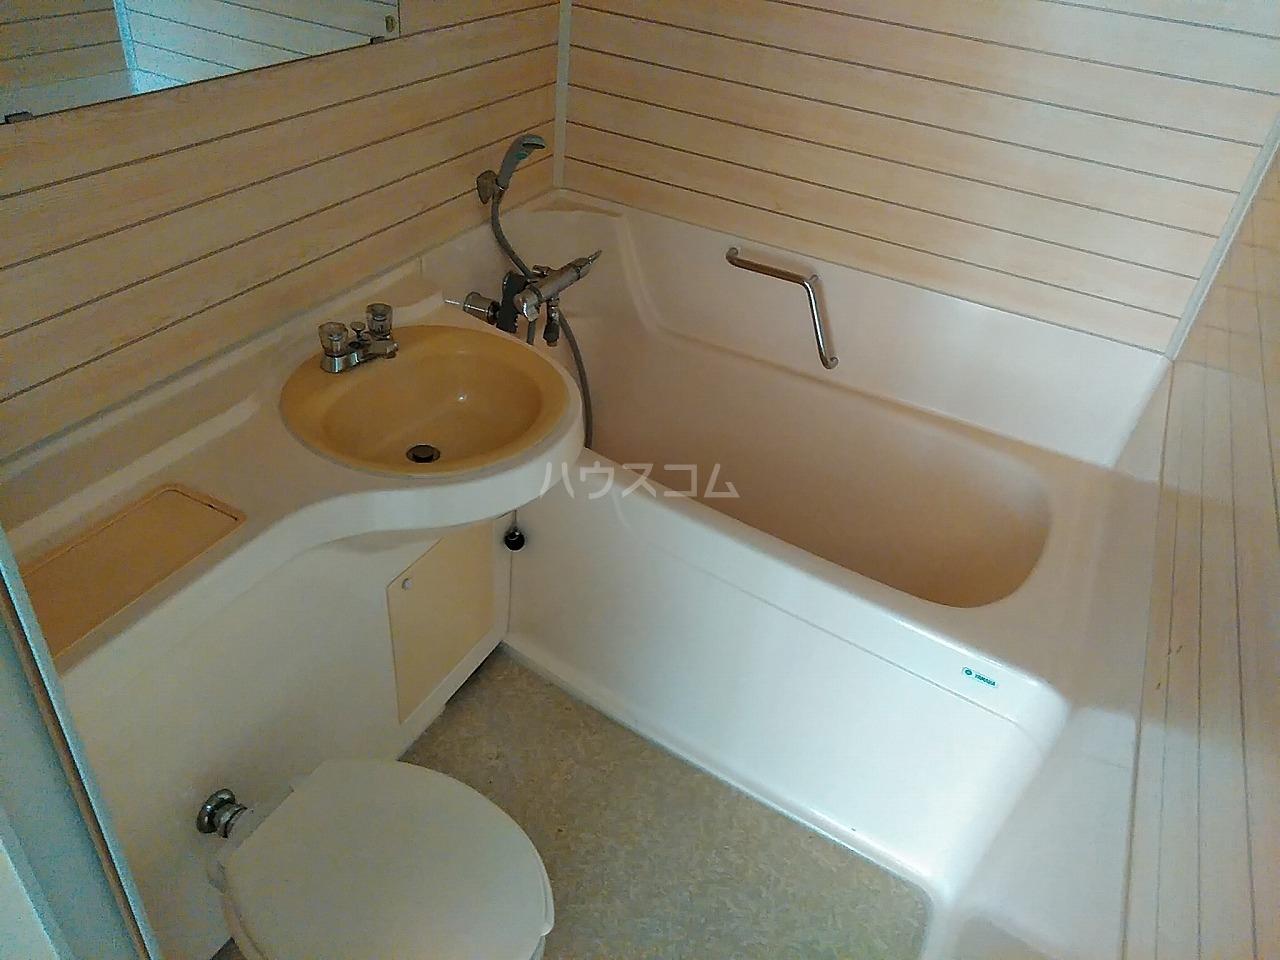 佐々木コーポ 403号室の洗面所